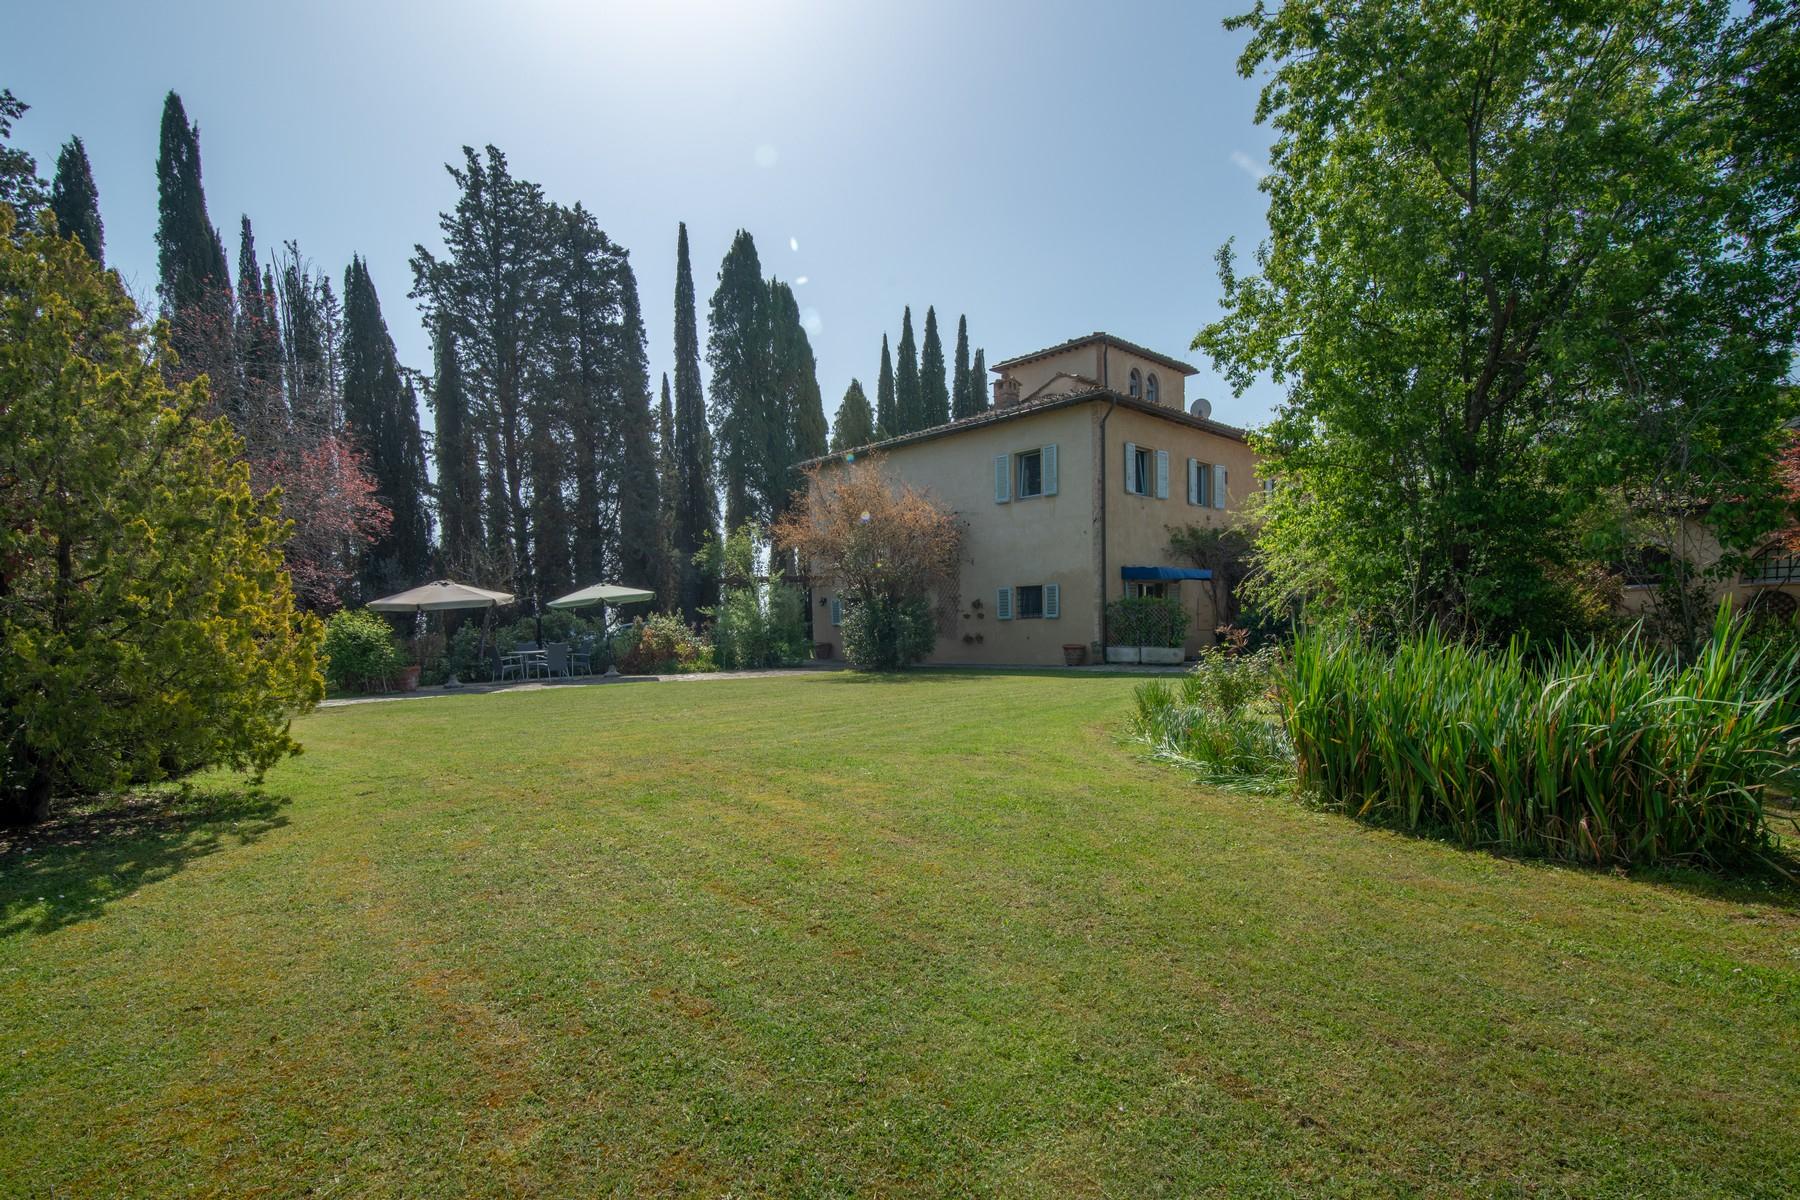 Rustico in Vendita a San Gimignano: 5 locali, 615 mq - Foto 4